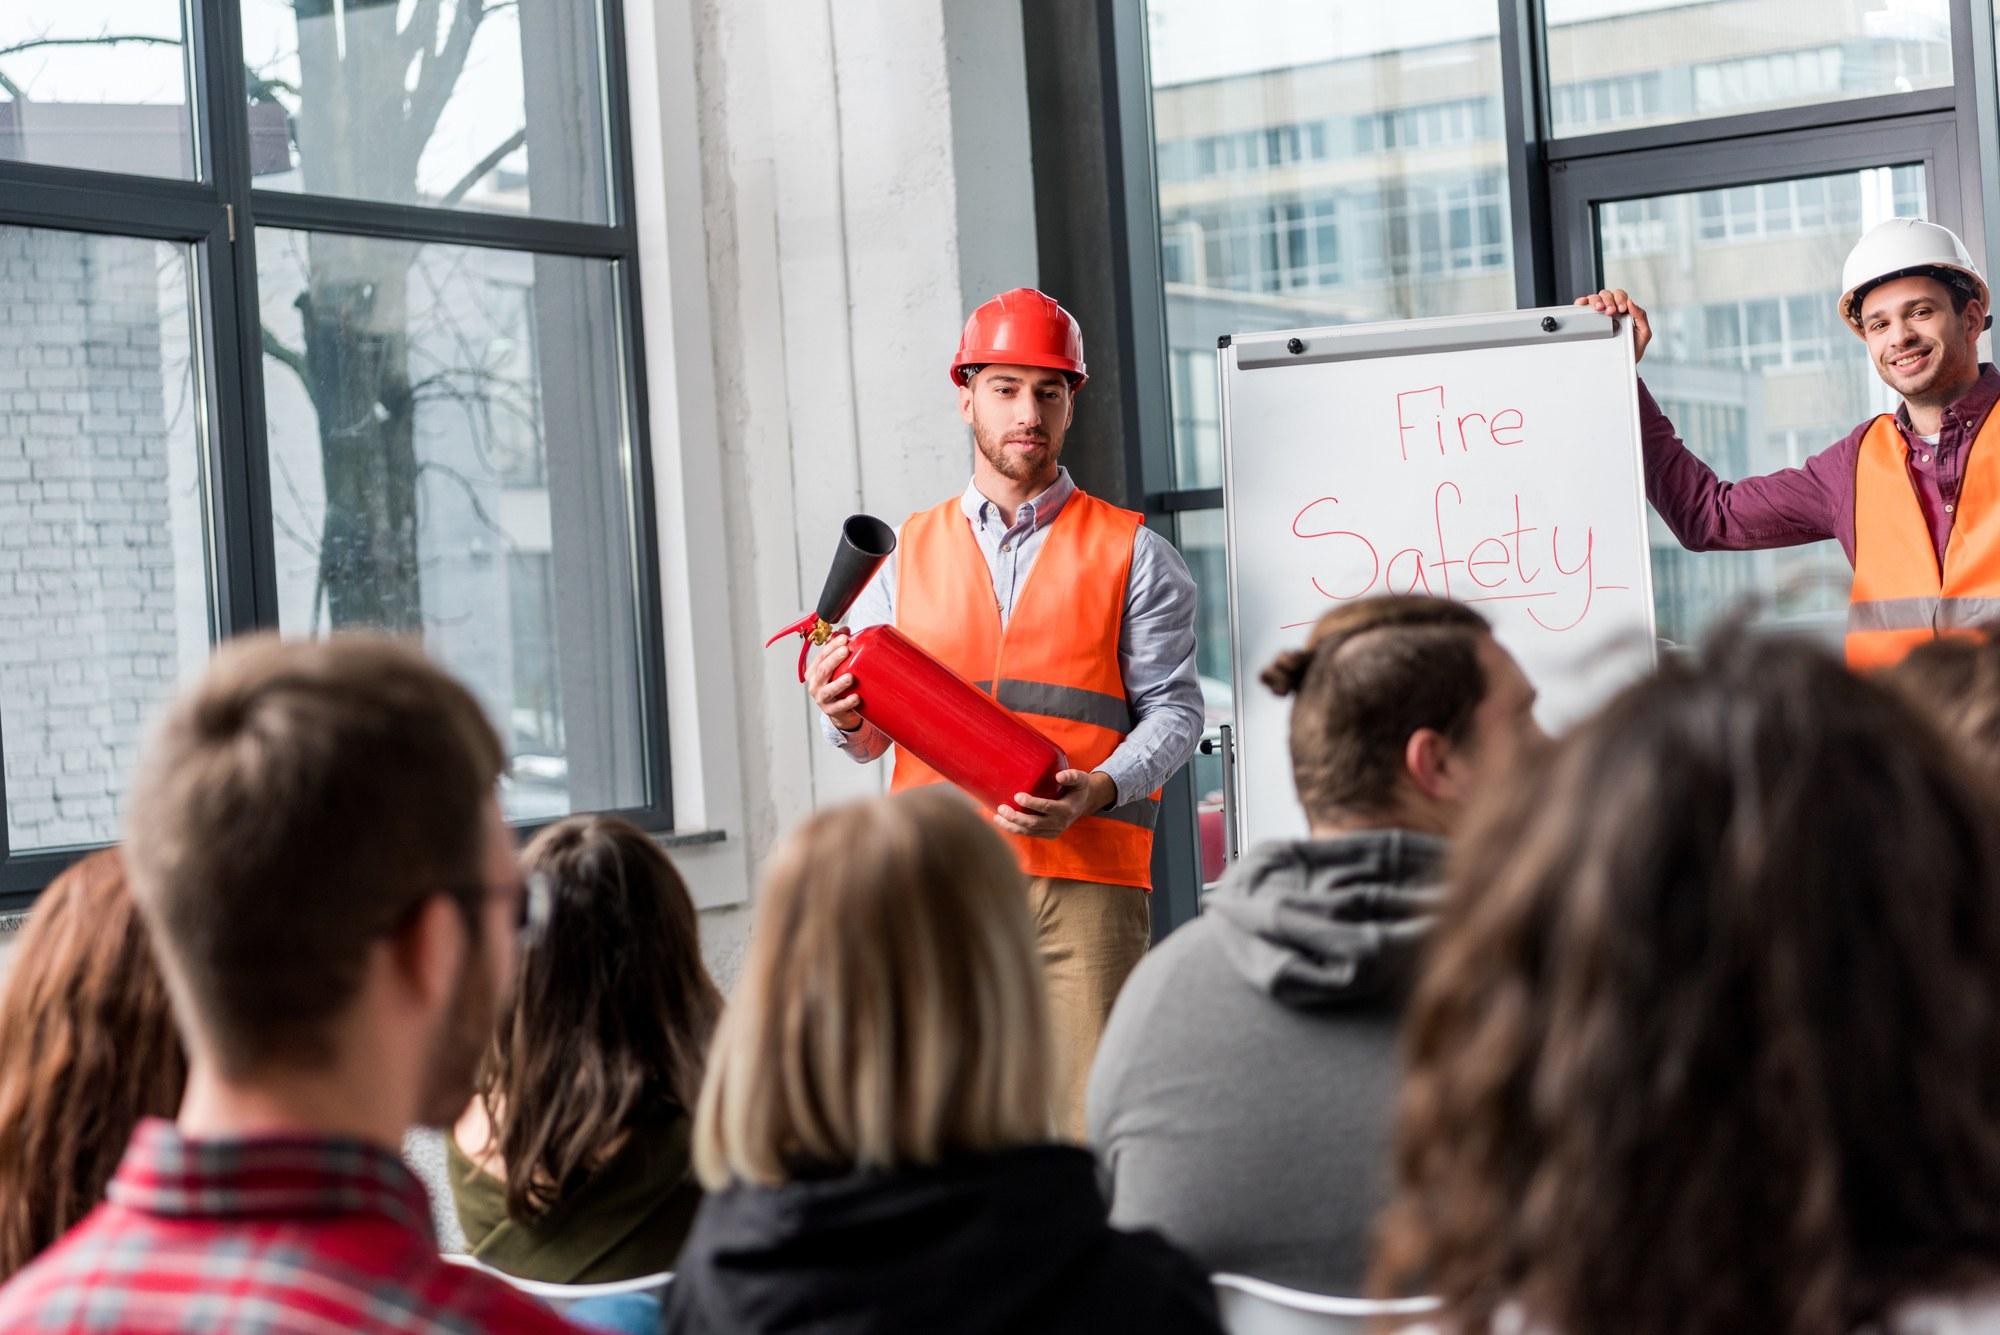 brandsicherheitskonzept essen, Brandschutz, Brandwache, Sicherheitsdienst, Brandsicherheitswache in Frankfurt und Umgebung